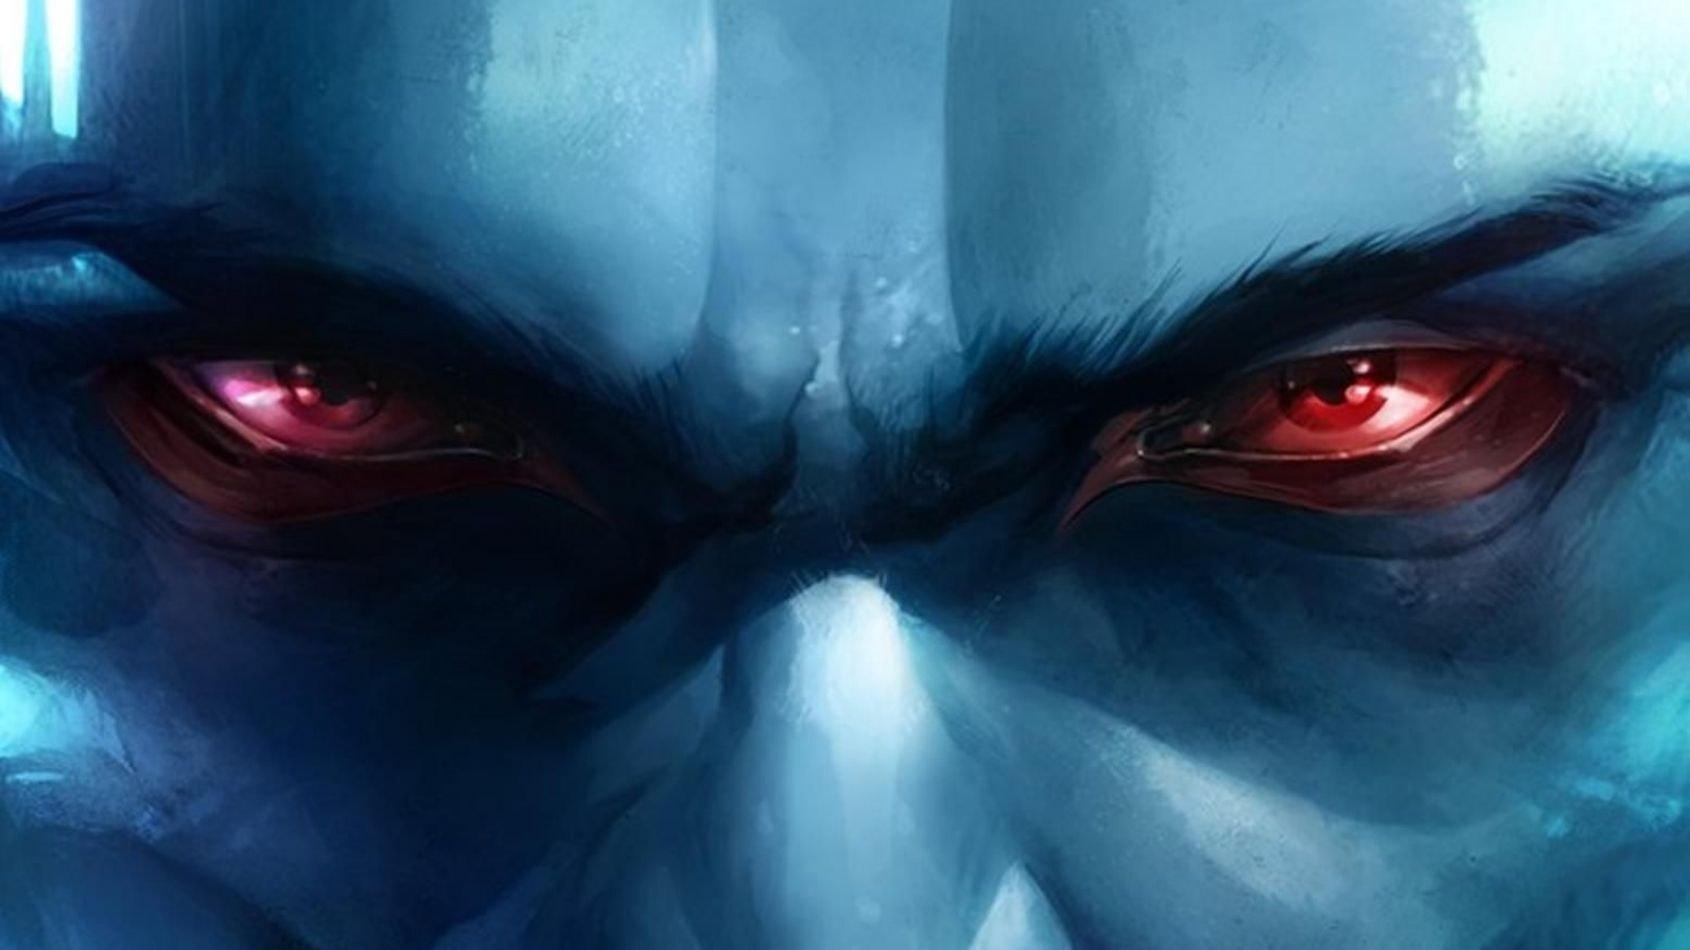 Le roman Thrawn va être adapté en comics !